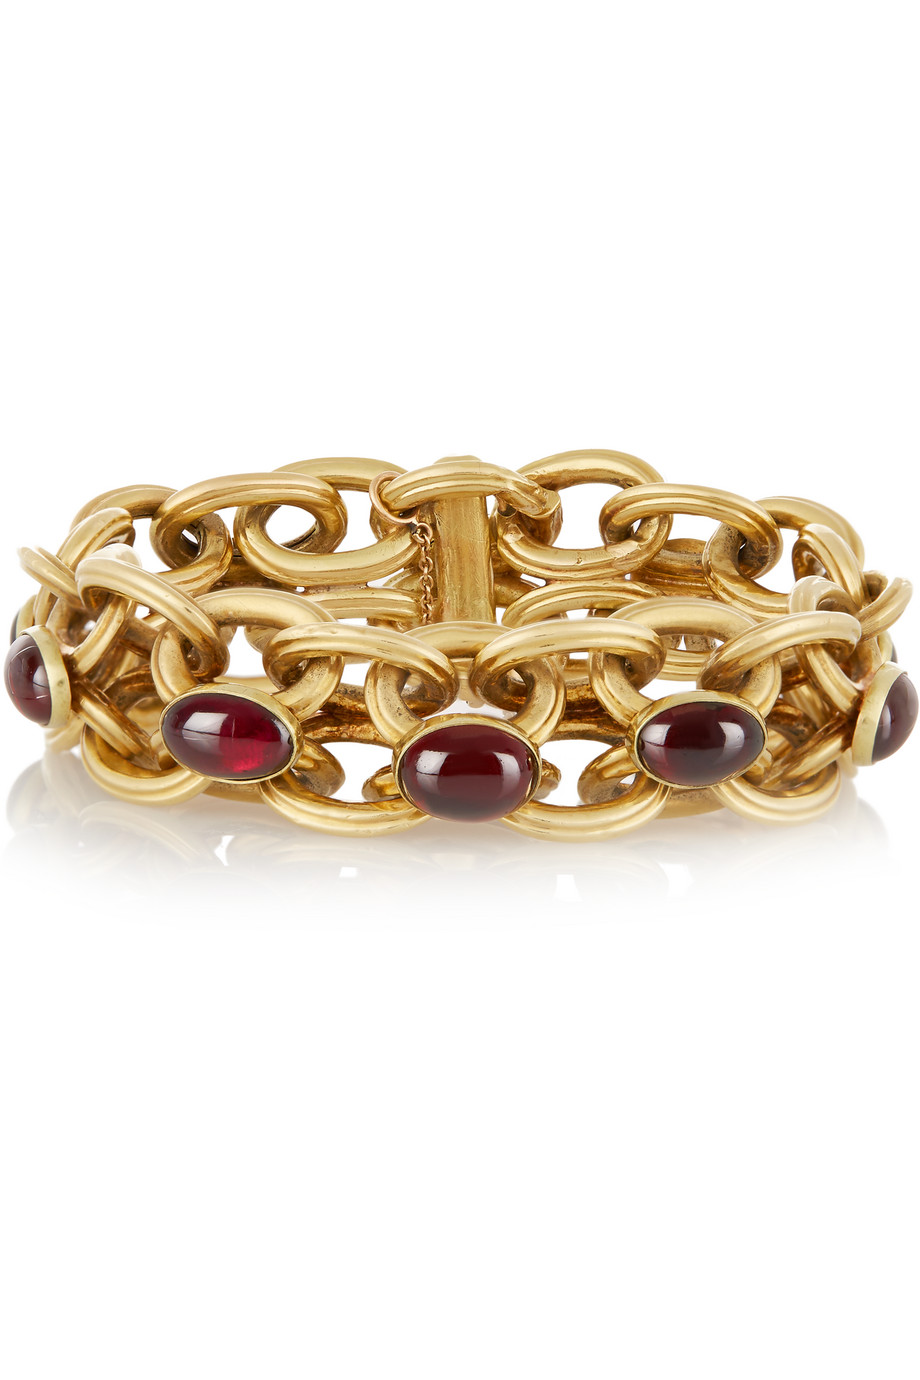 Fred Leighton 1880s 18-Karat Gold Garnet Bracelet, Women's